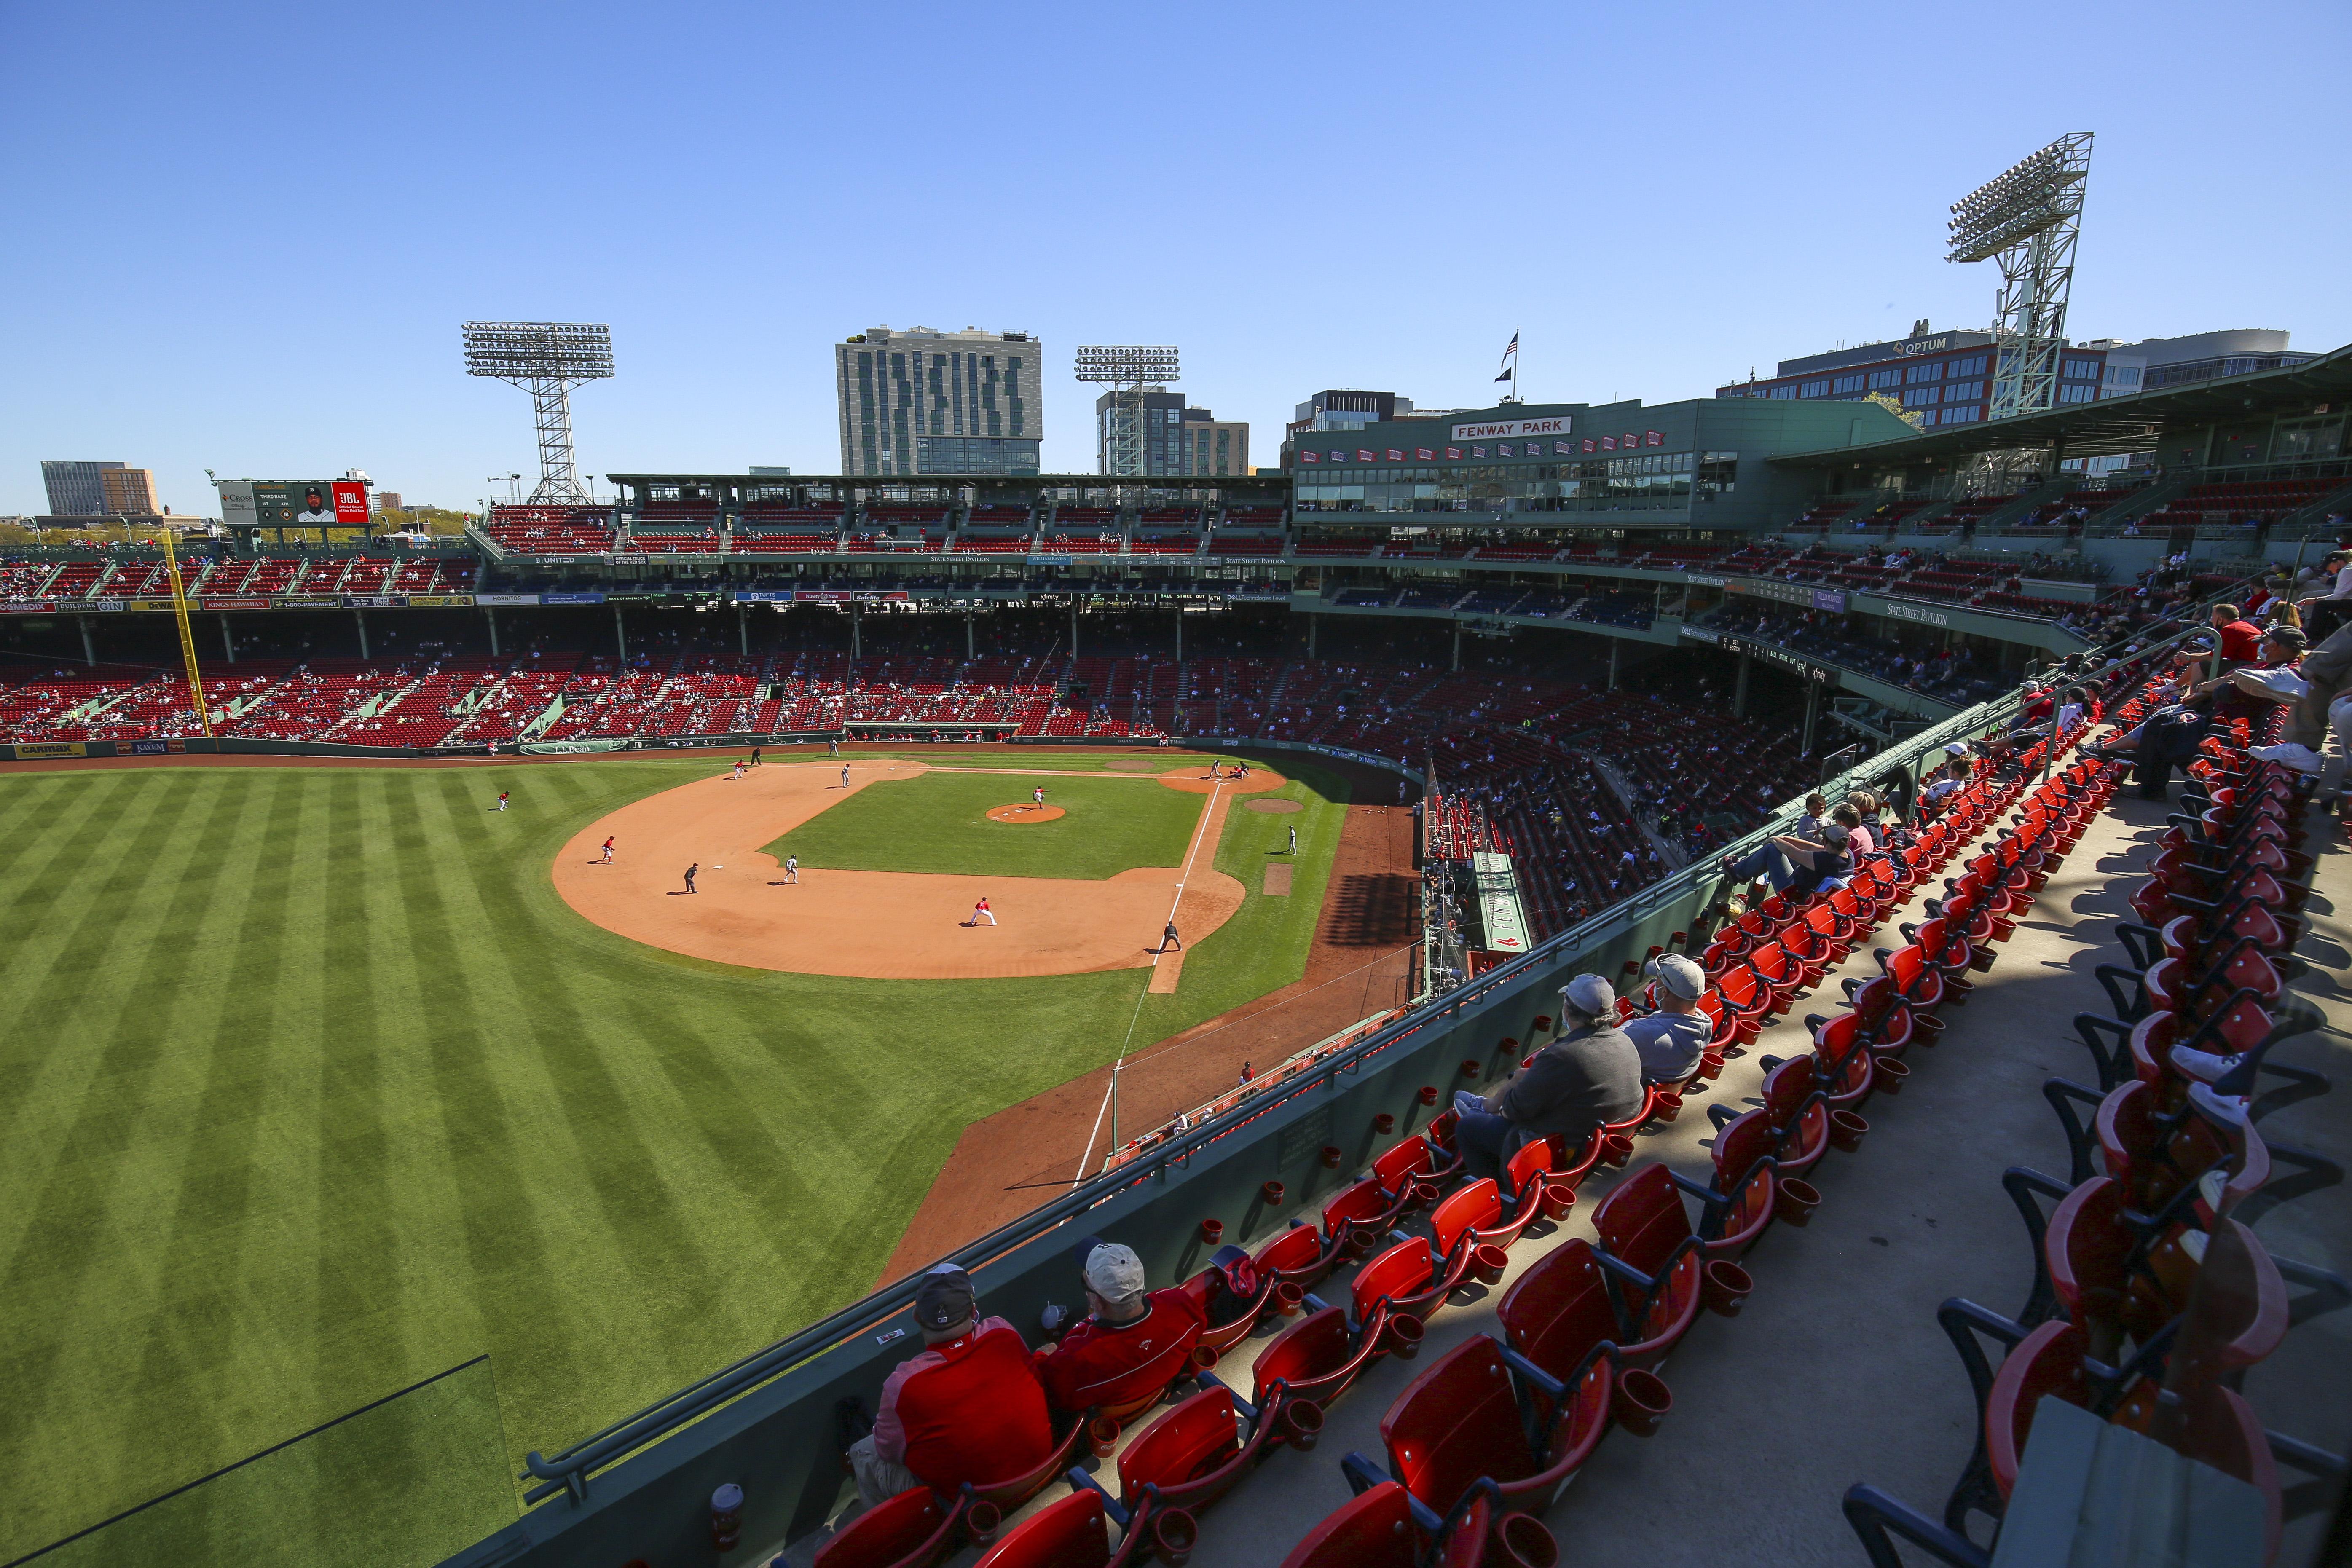 2021年5月6日,马萨诸塞州波士顿芬威球场,球迷们在观看波士顿红袜队和底特律老虎队的比赛。